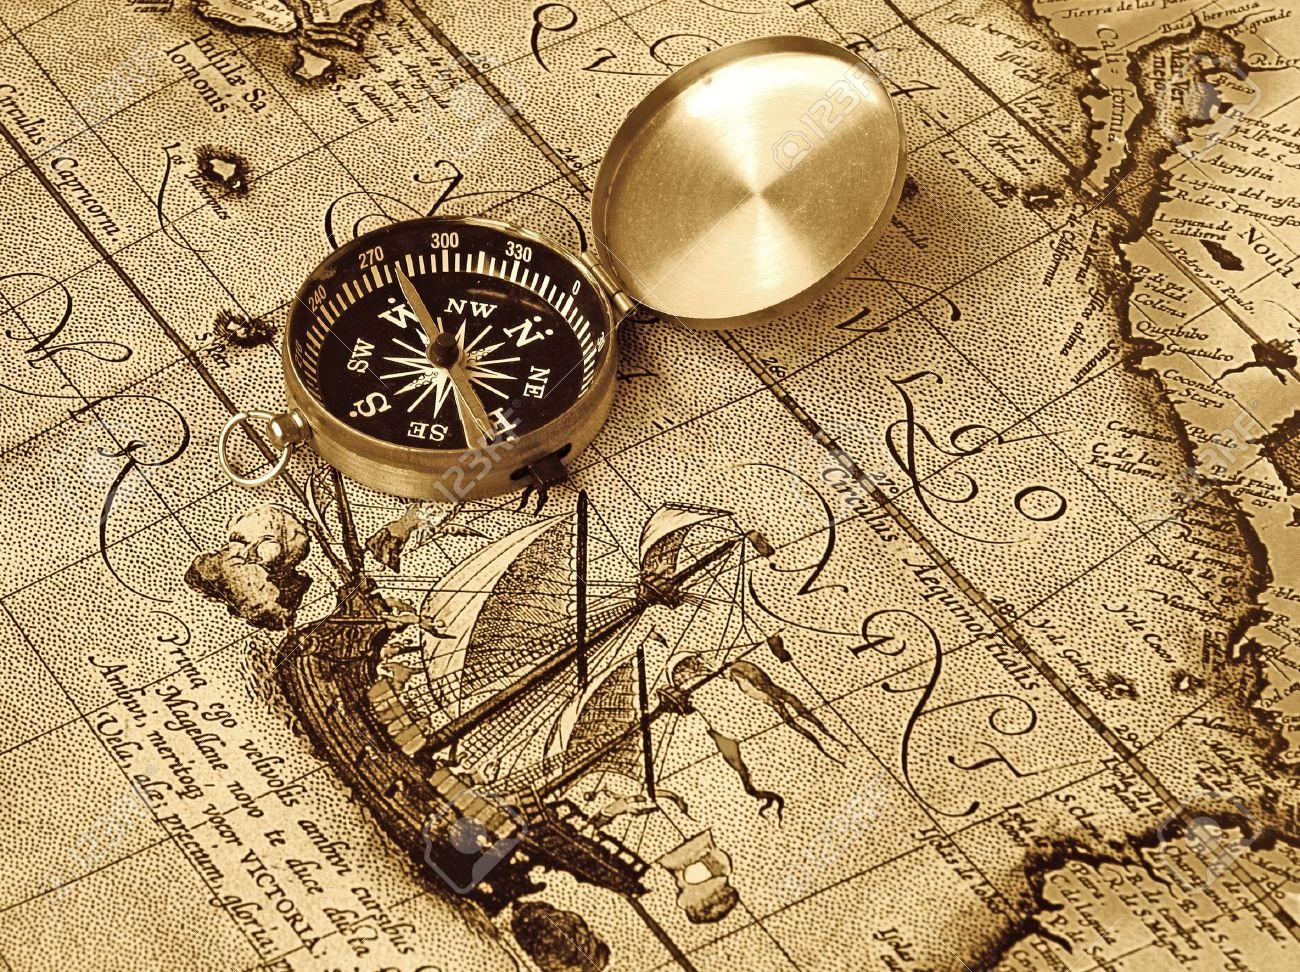 Una Brújula Se Encuentra En Un Mapa De La Edad Antigua Fotos